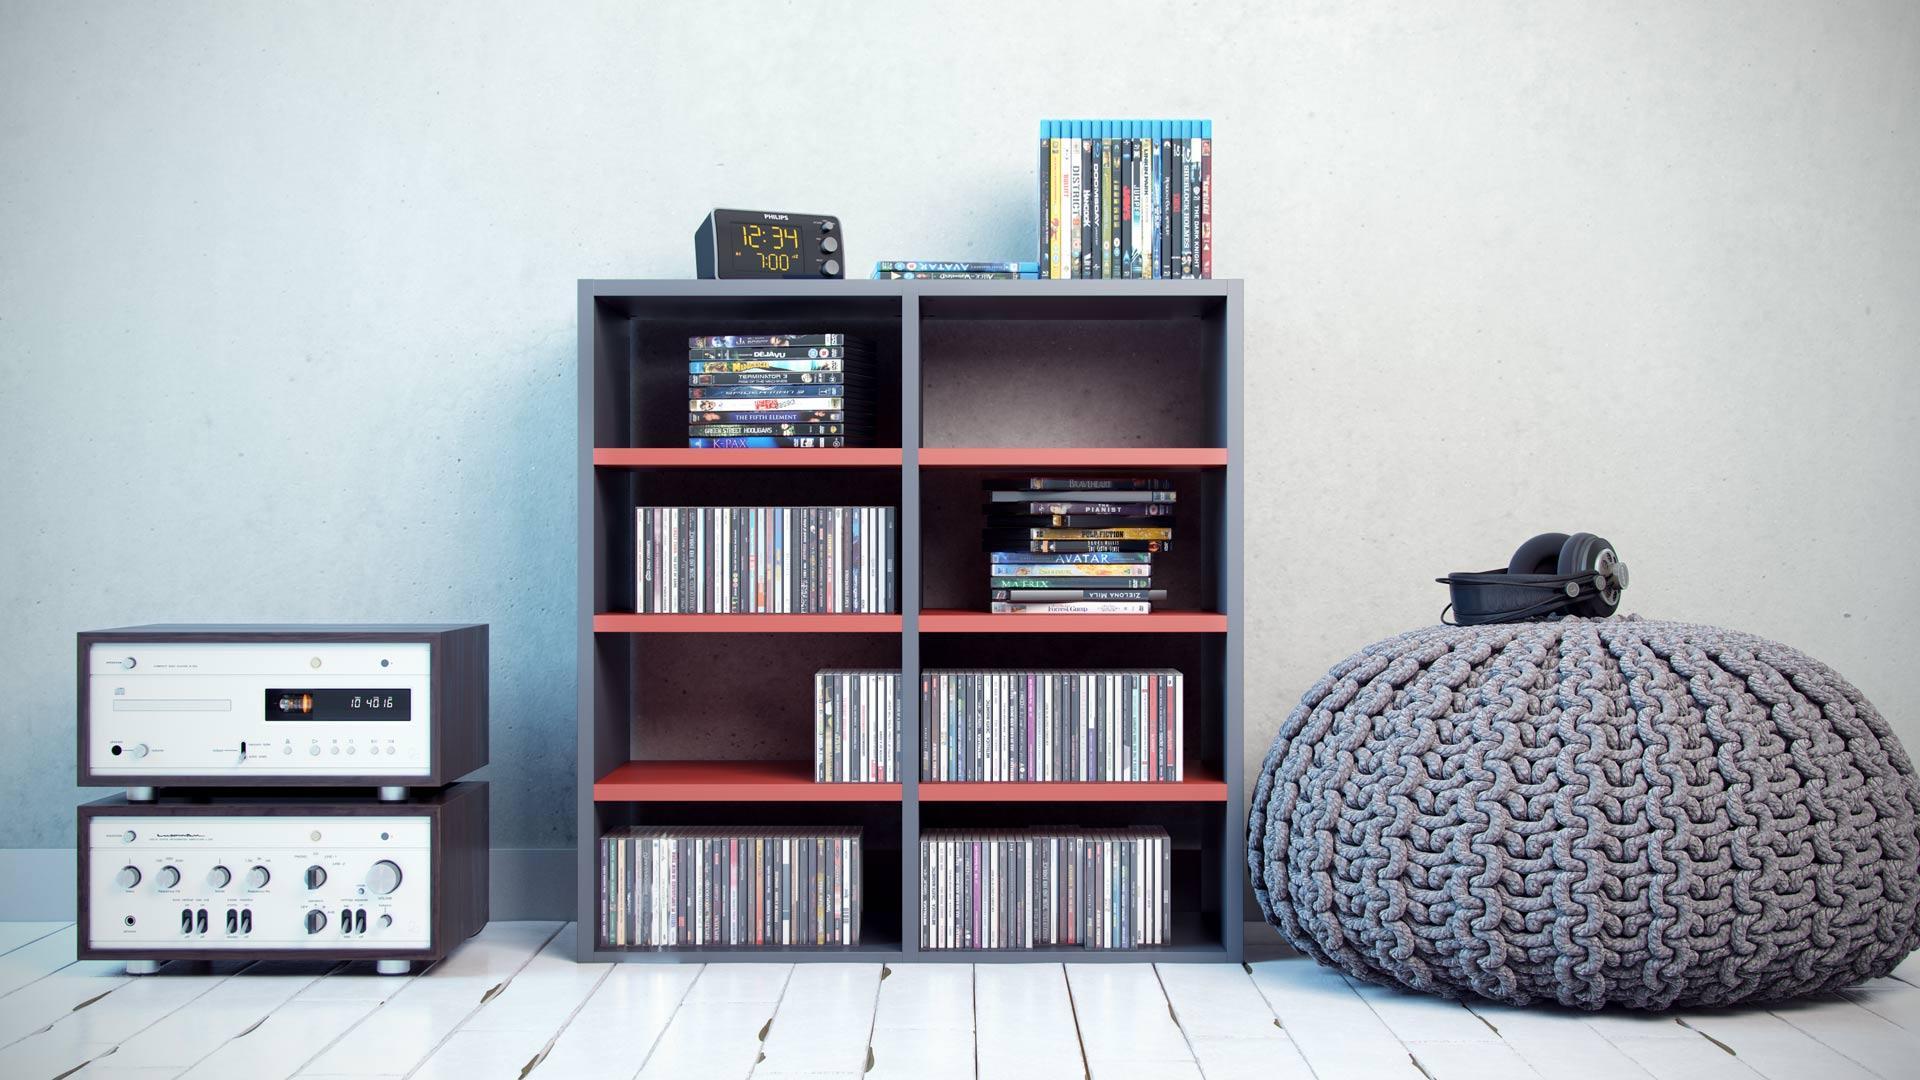 Vanity Bücherregal Ideen Reference Of Cd- & Dvd-regale Für Musik- &